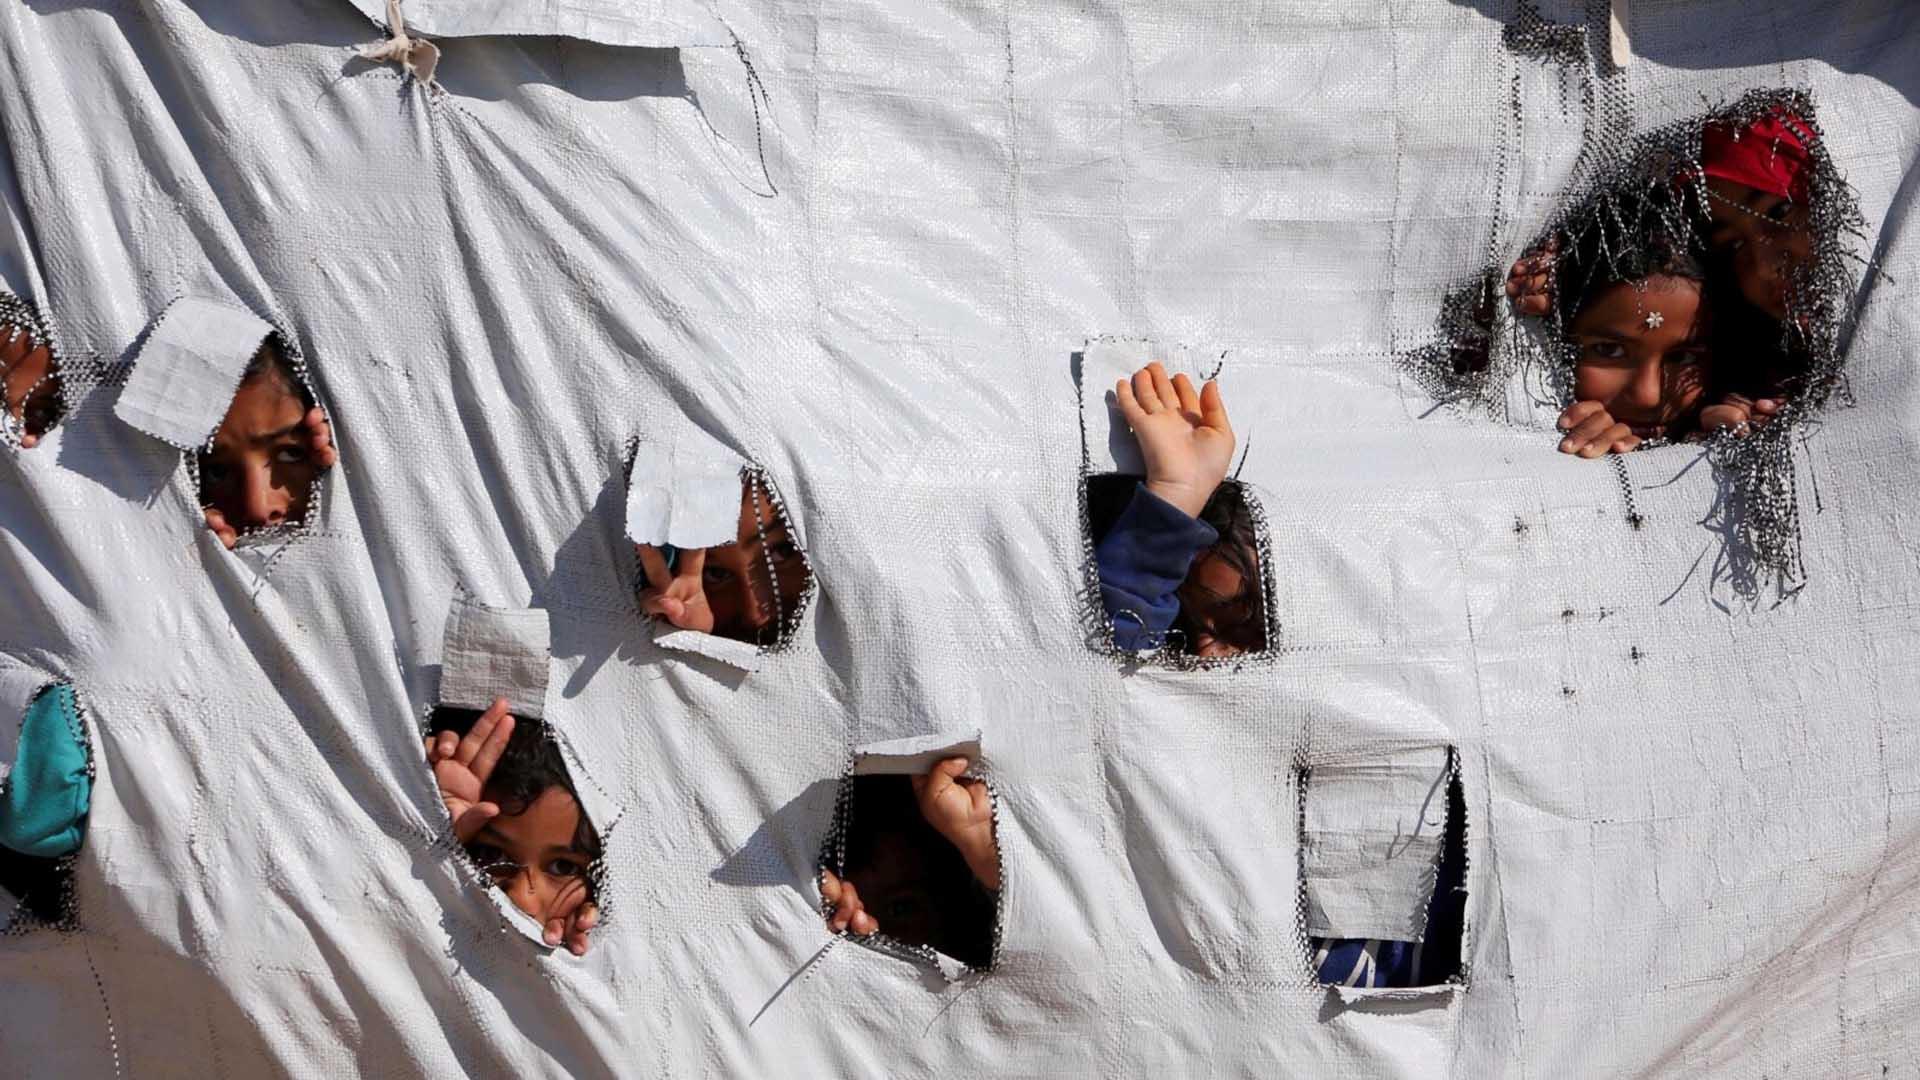 تمكين اللاجئين السوريين المشمولين بالحماية المؤقتة من الاستفادة من الخدمات